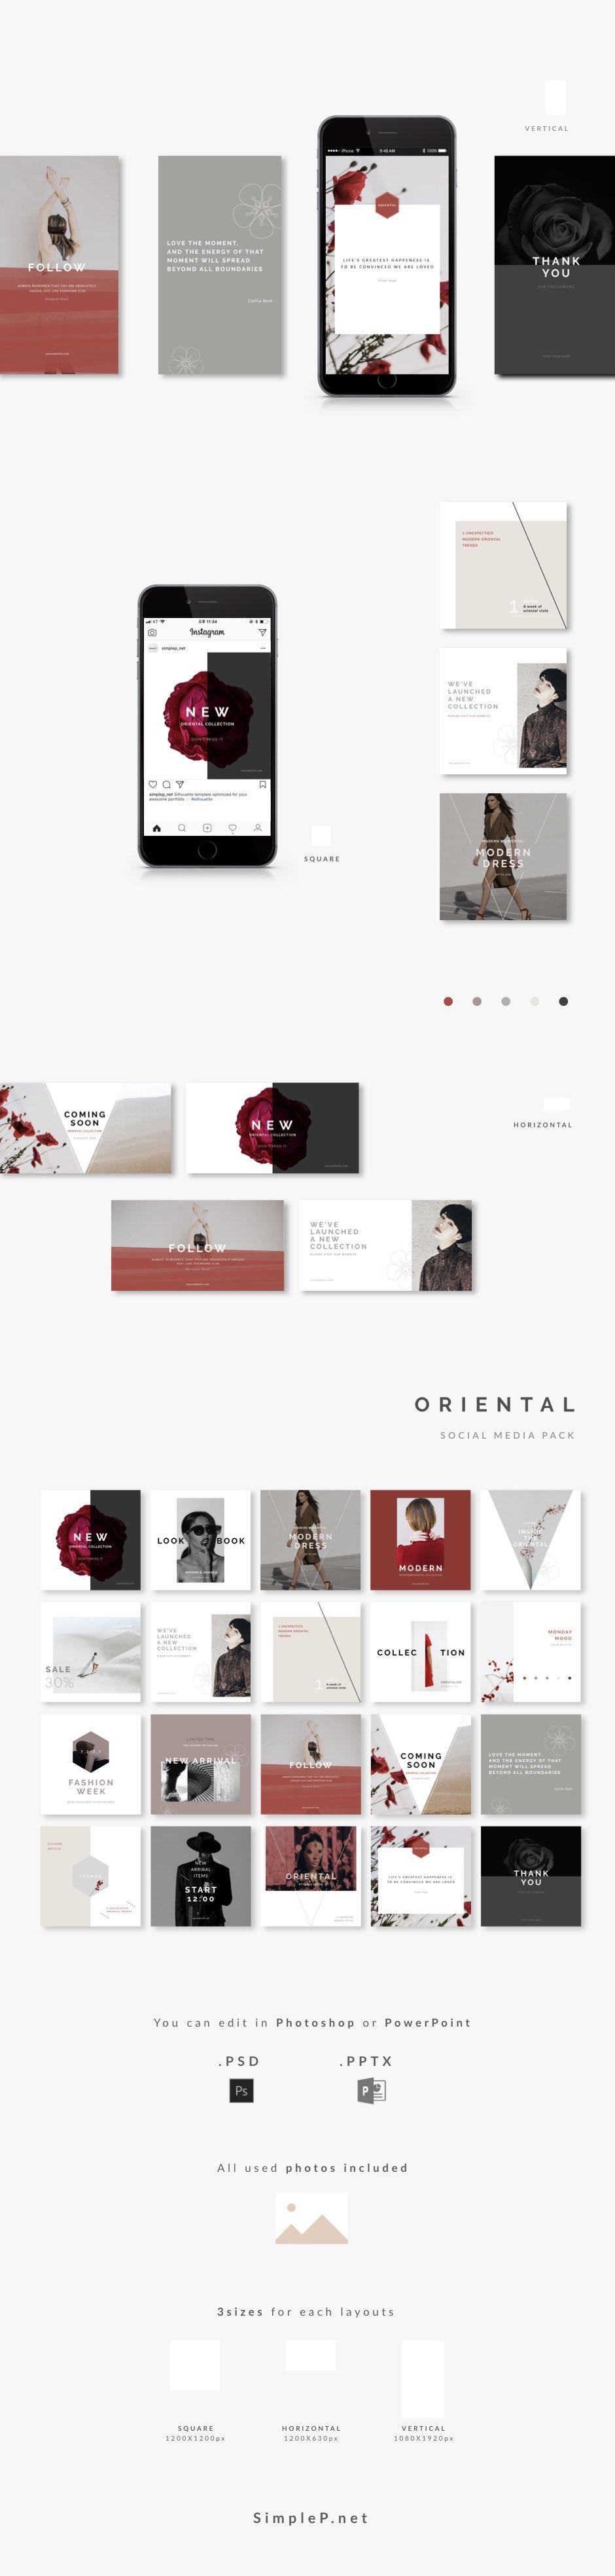 오리엔탈 소셜 미디어 팩 Oriental Social Media Pack